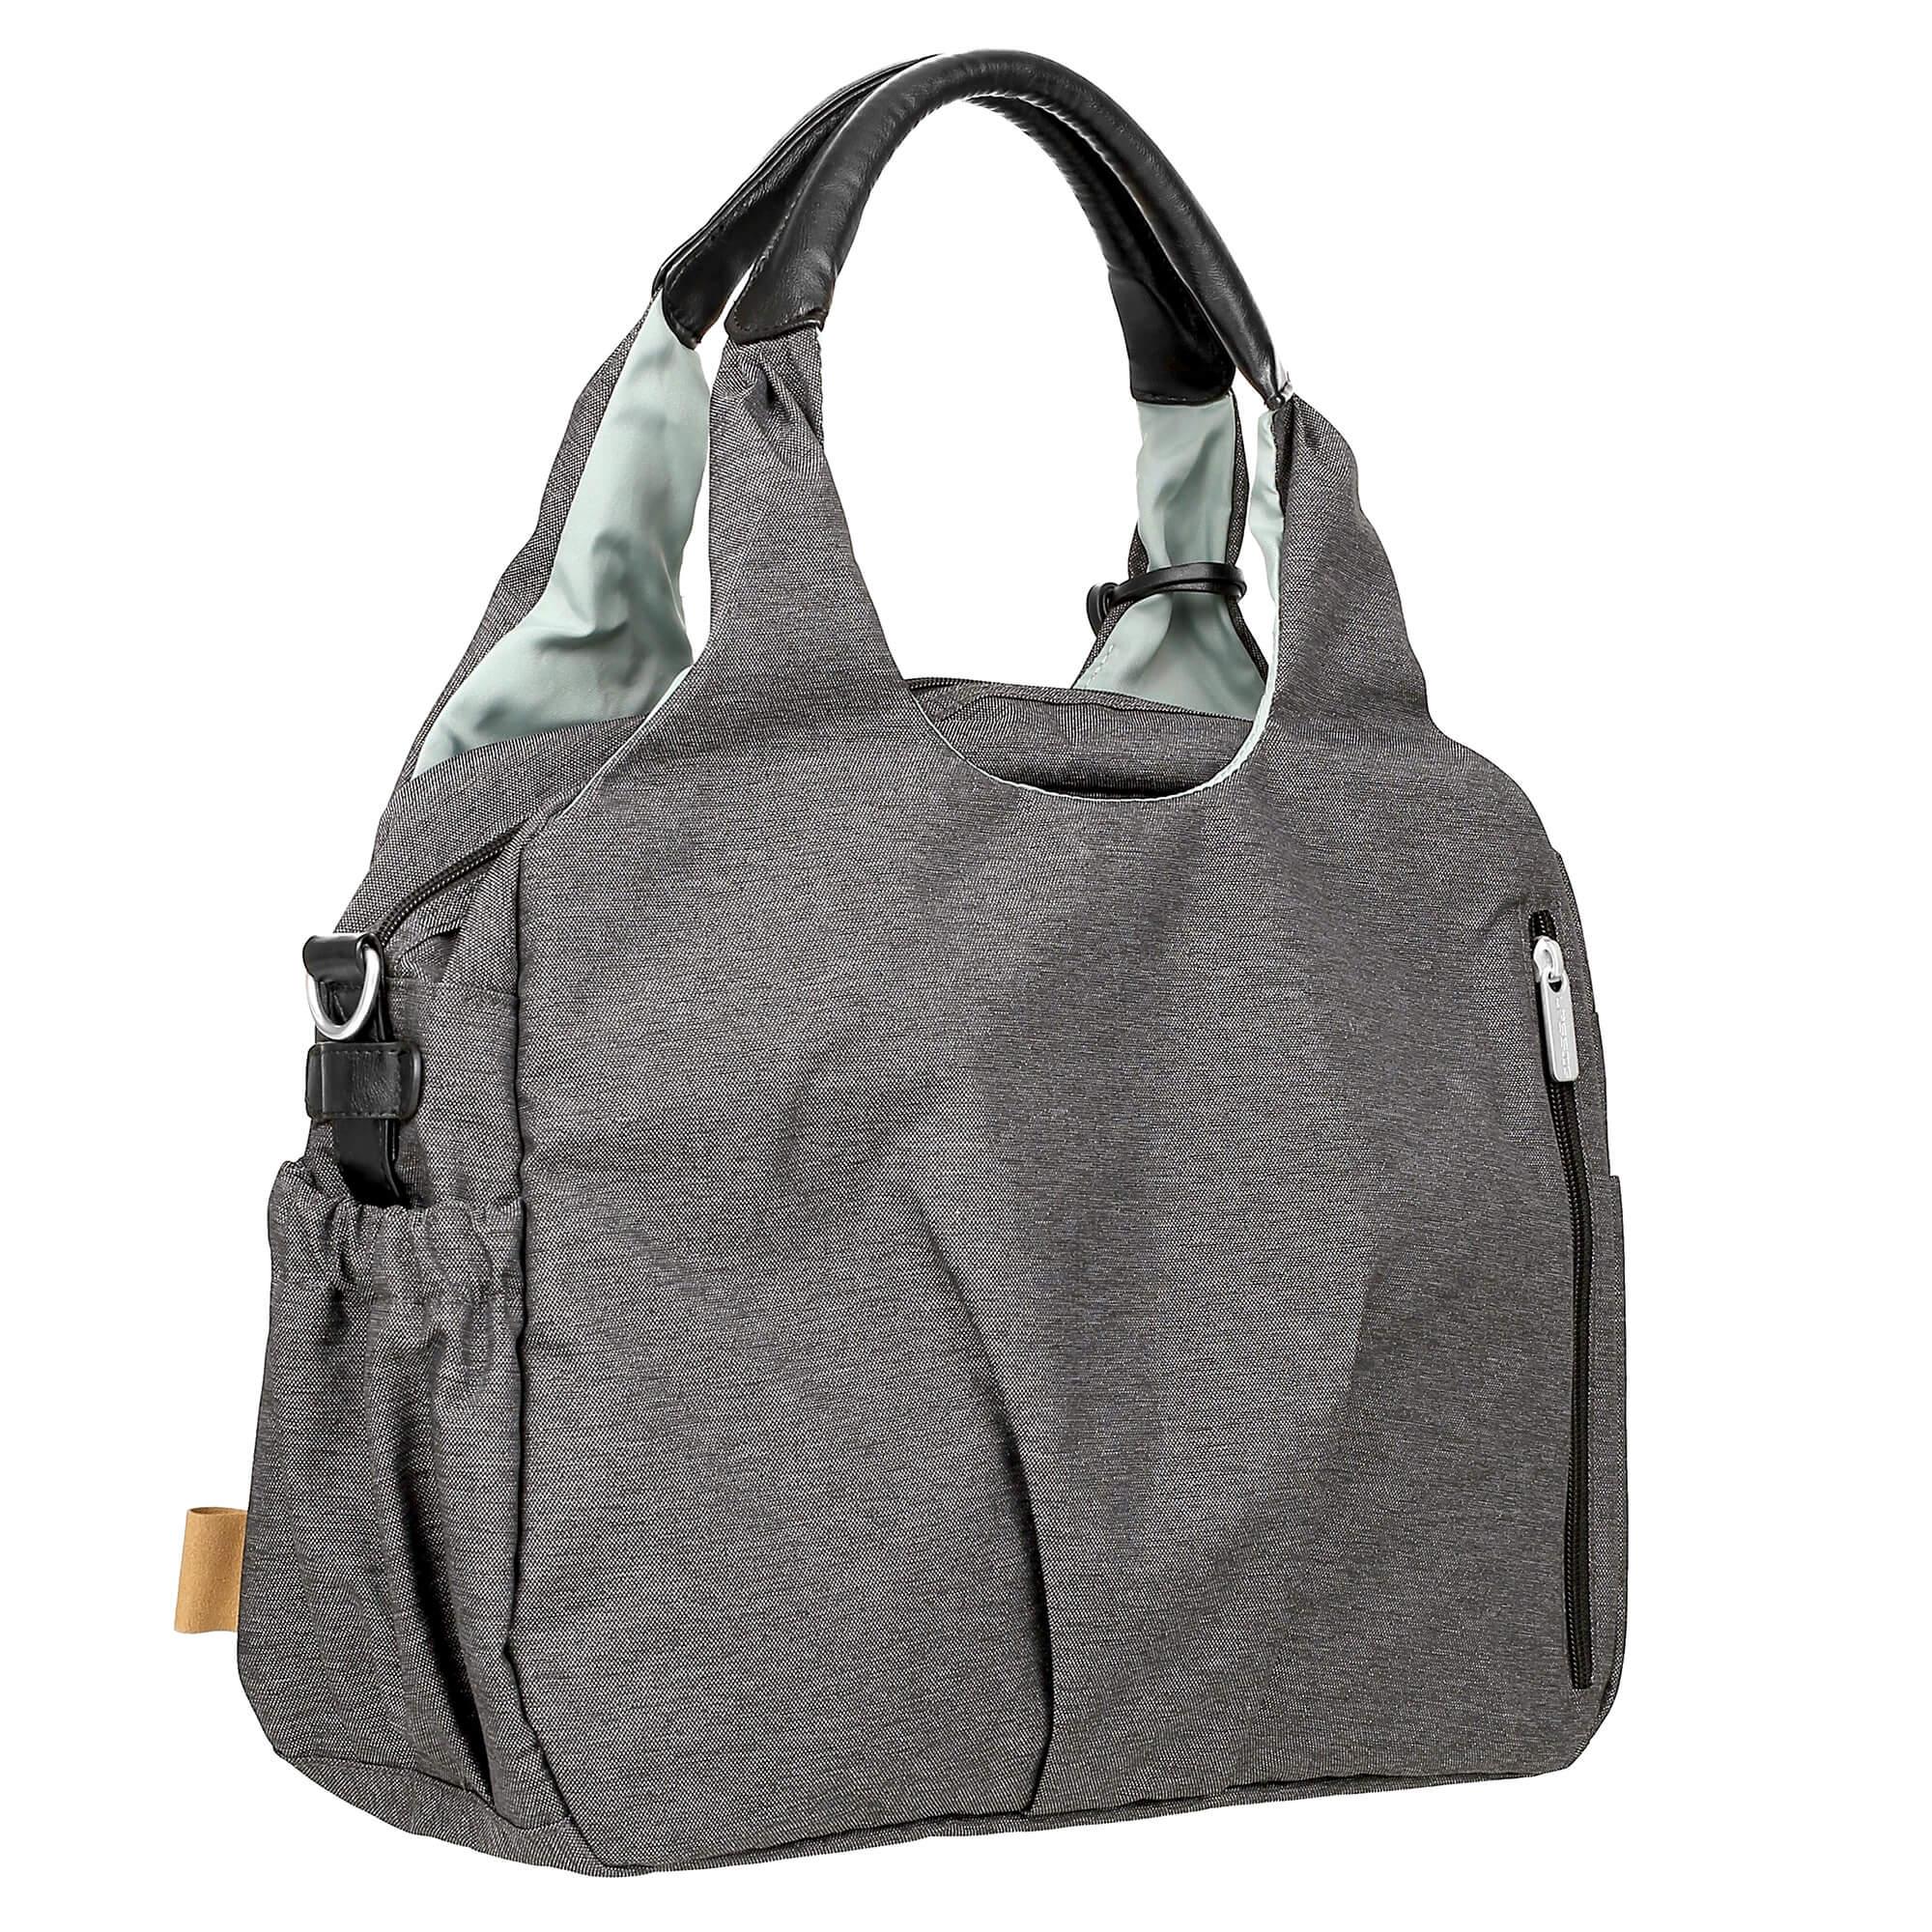 Wickeltasche global bag ecoya anthracite lÄssig fashion